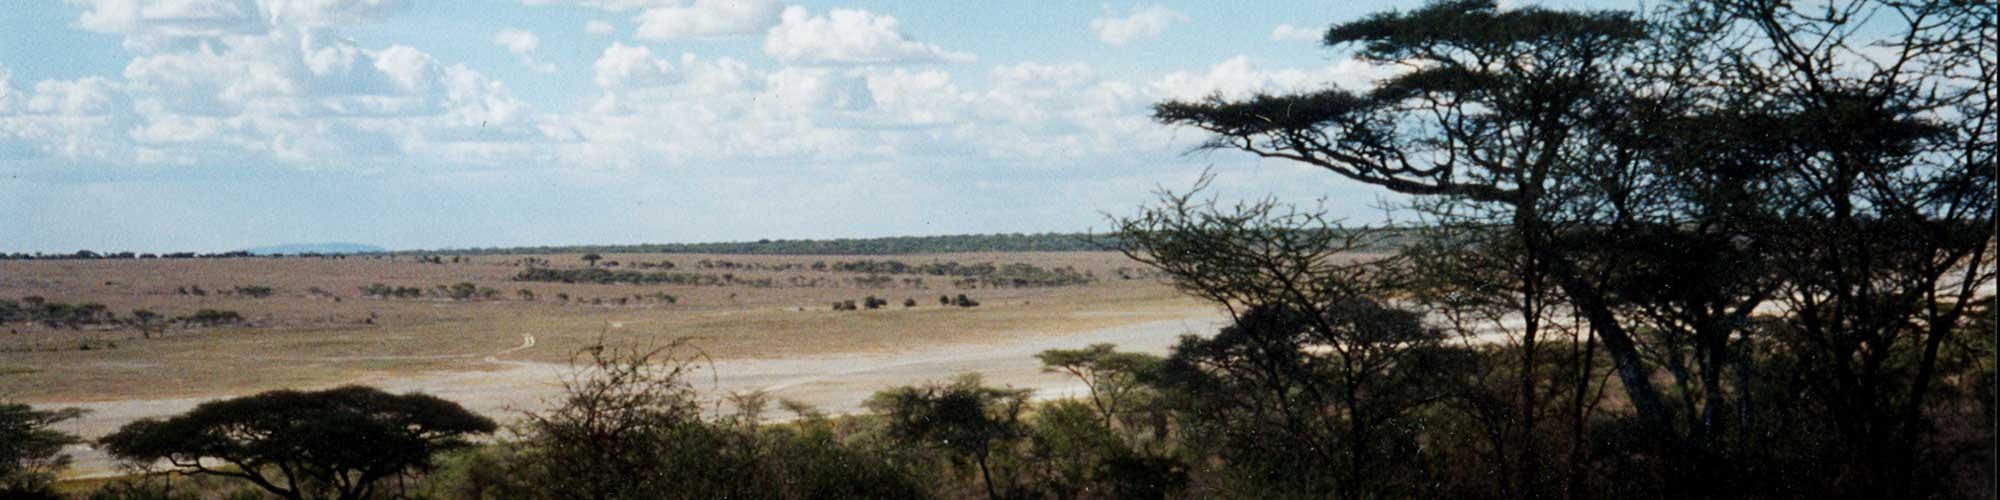 KampHugo